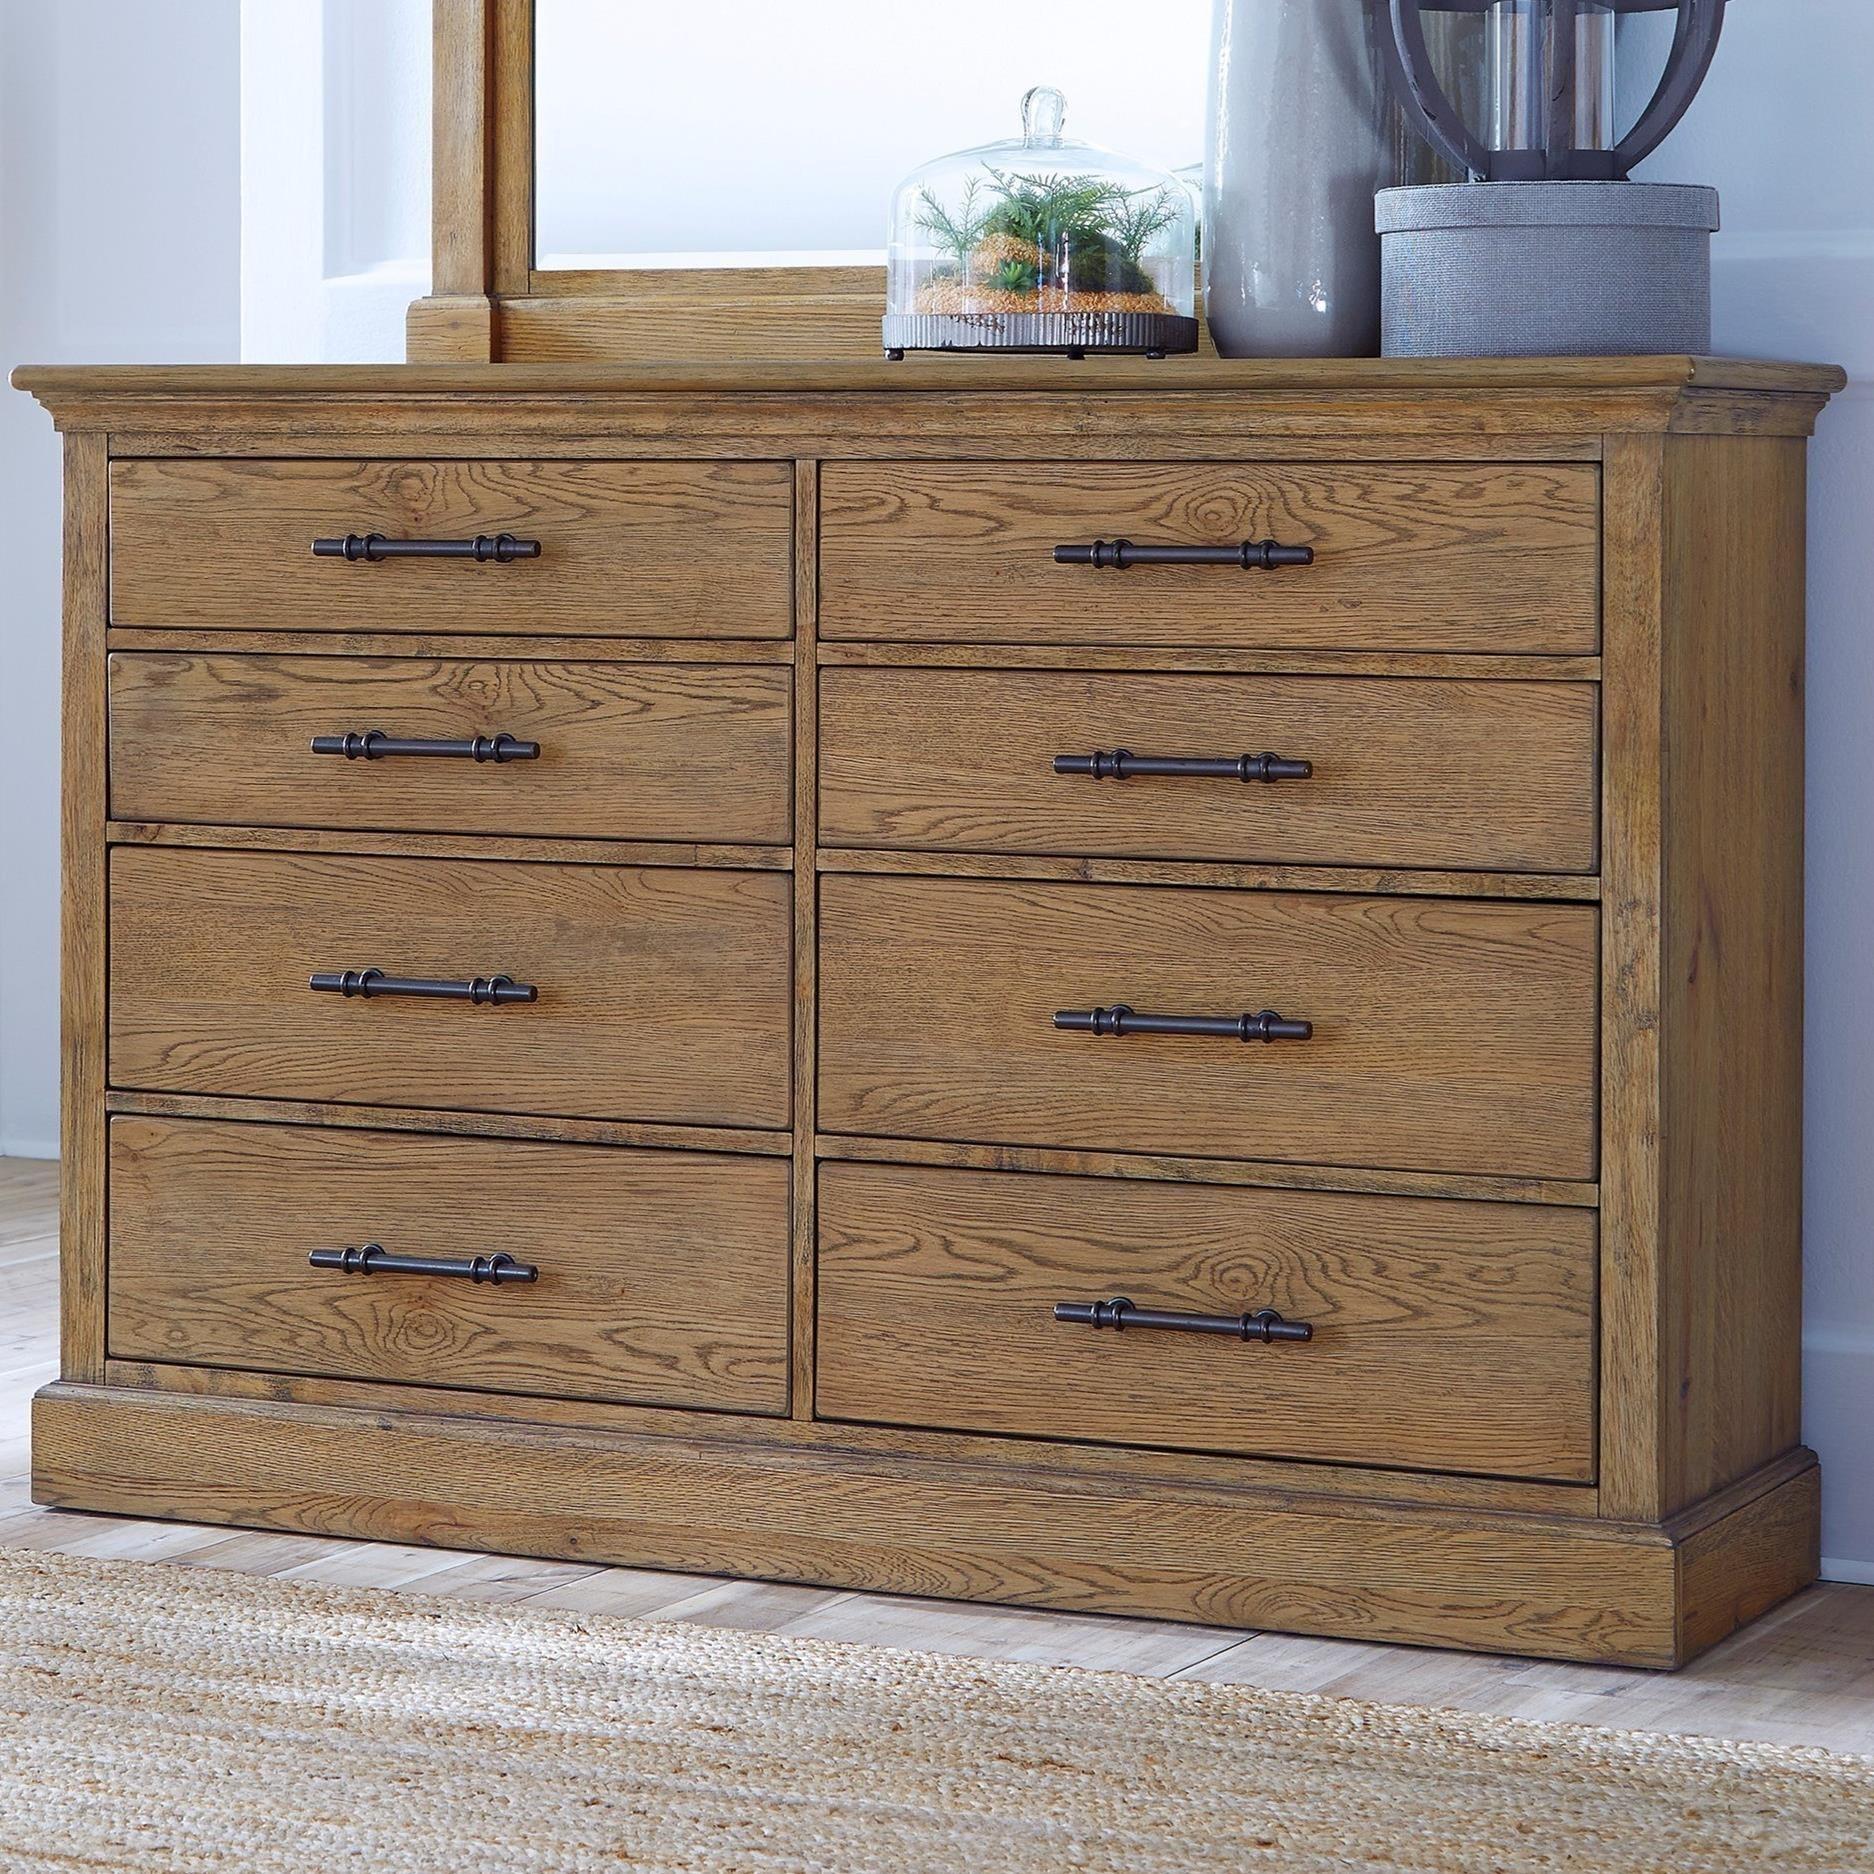 Mansfield 8 Drawer Dresser